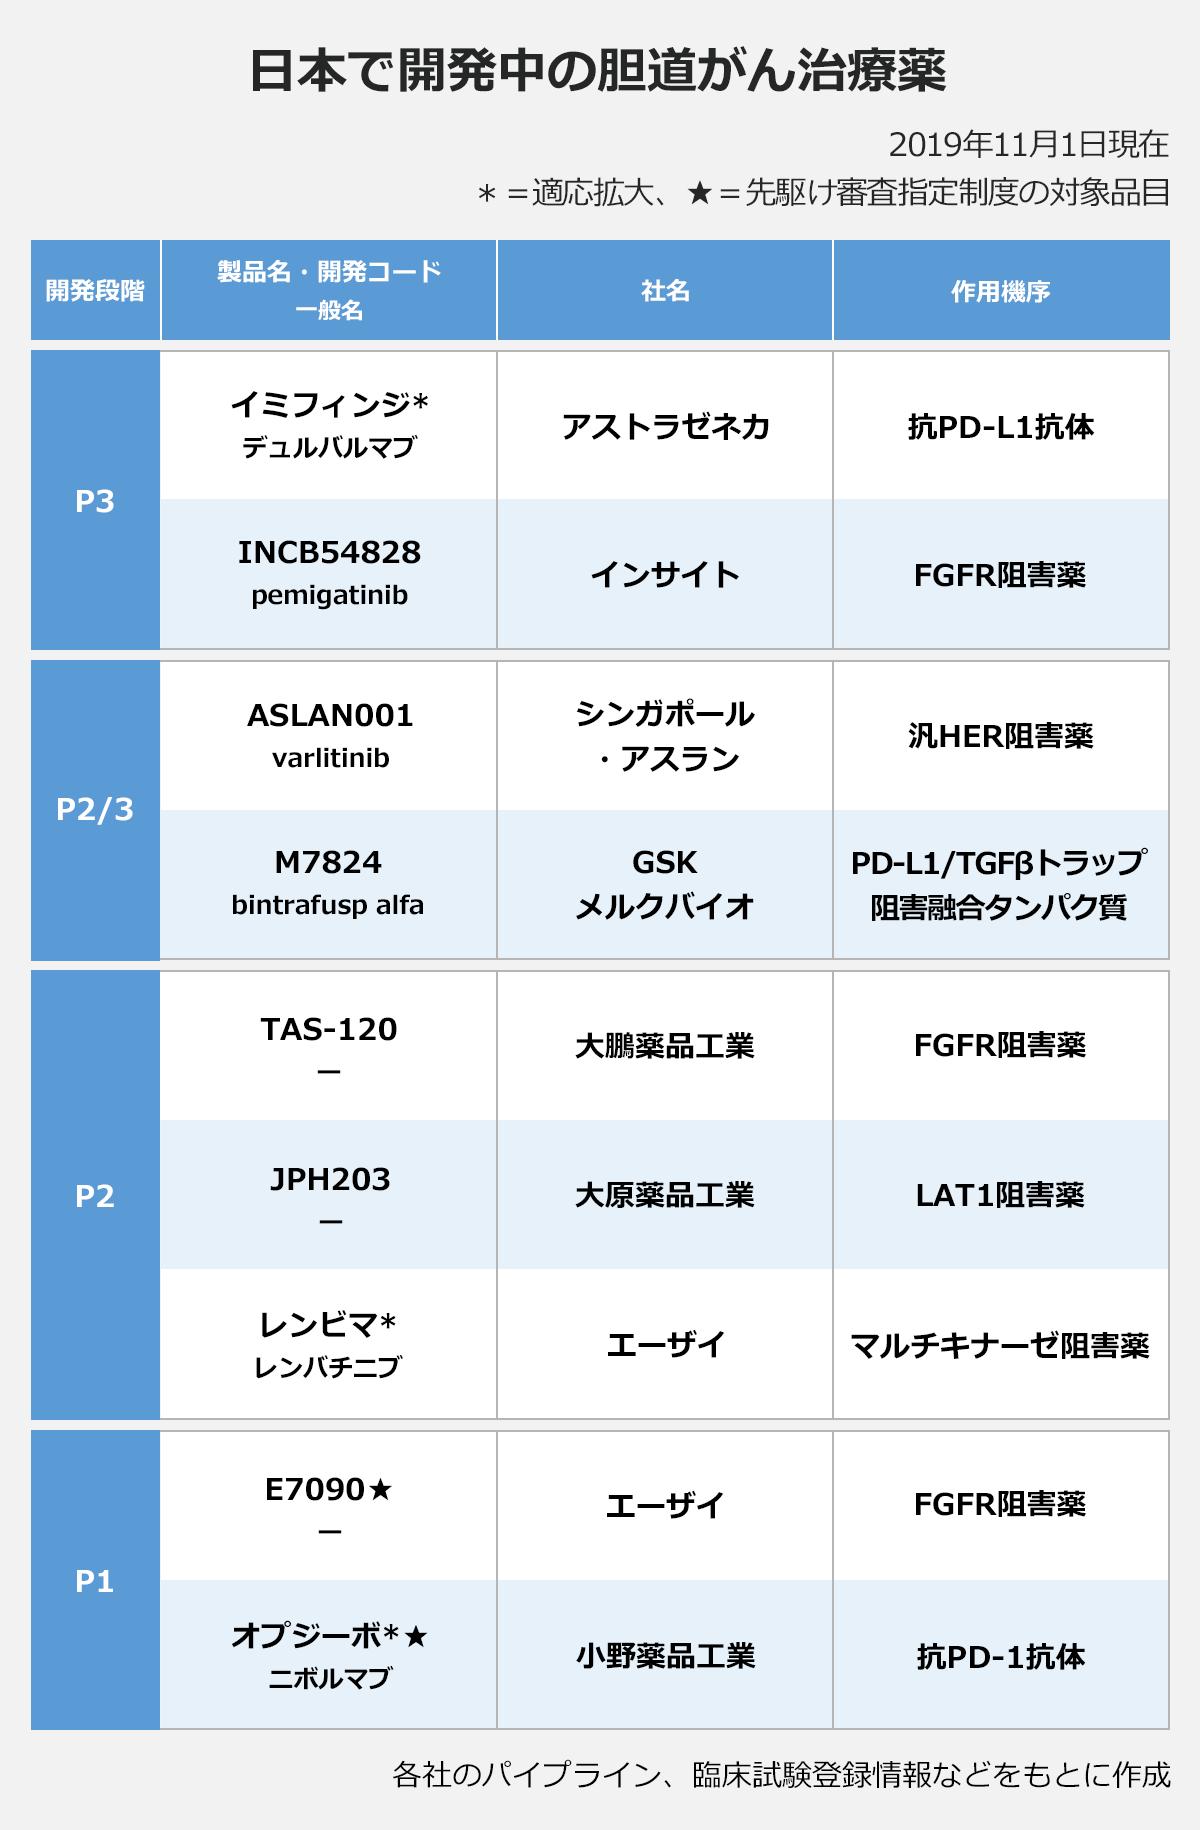 日本で開発中の胆道がん治療薬(2019年11月1日現在、*=適応拡大、★=先駆け審査指定制度の対象品目)(製品名・開発コード(一般名)/社名/作用機序):【開発段階P3】イミフィンジ*(デュルバルマブ)/アストラゼネカ/抗PD-L1抗体、INCB54828(pemigatinib)/インサイト/FGFR阻害薬、【開発段階P2/P3】ASLAN001(varlitinib)/シンガポール・アスラン/汎HER阻害薬、M7824(bintrafusp alfa)/GSK(メルクバイオ)/PD-L1/TGFβトラップ阻害融合タンパク質、【開発段階P2】TAS-120(―)/大鵬薬品工業/FGFR阻害薬、JPH203(―)/大原薬品工業/LAT1阻害薬、レンビマ*(レンバチニブ)/エーザイ/マルチキナーゼ阻害薬、【開発段階P1】E7090★(―)/エーザイ/FGFR阻害薬、オプジーボ*★(ニボルマブ)/小野薬品工業/抗PD-1抗体、※各社のパイプライン、臨床試験登録情報などをもとに作成